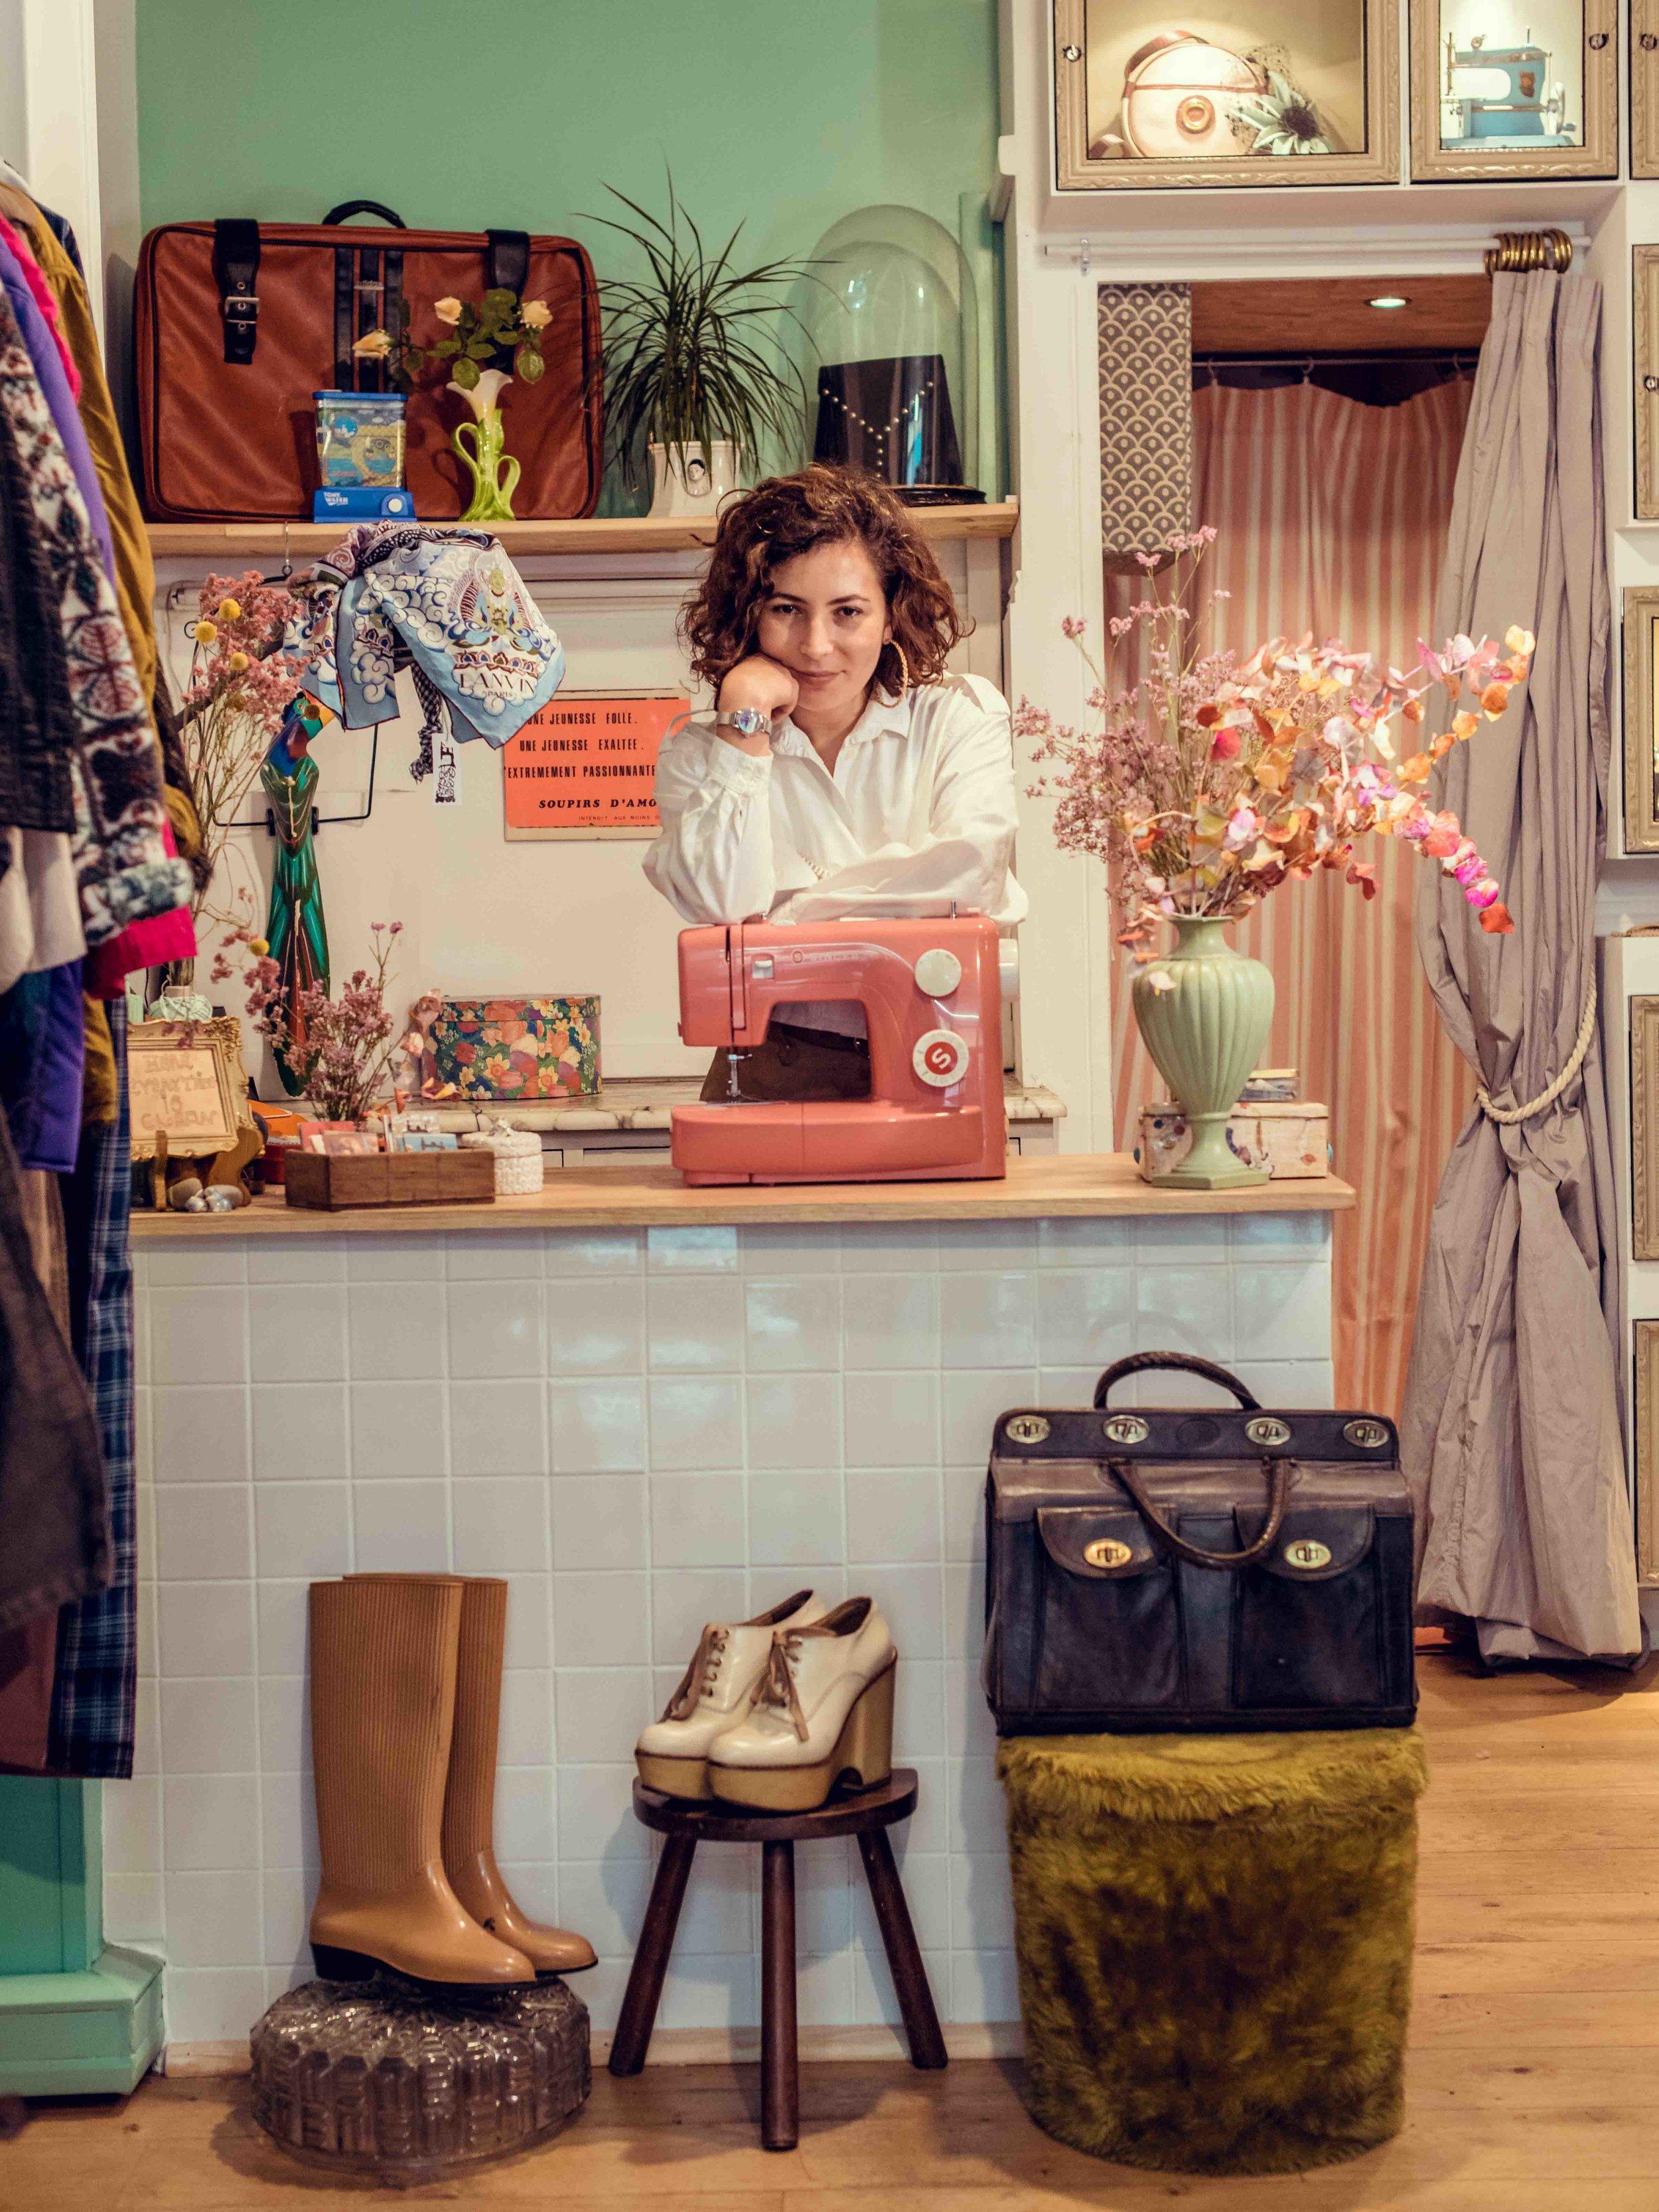 La boutique - Headless St Denis est une boutique vintage pas comme les autres. Née d'une plateforme participative, elle se veut créative, inventive, accessible et moderne. Entre une boutique et un atelier, elle est équipée d'une machine à coudre, d'une machine à tricoter et de toutes sortes de choses pour faire des merveilles...La sélection y est pointue et originale: de la couleur, beaucoup d'imprimés, du labélisé si mérité mais pas de marque pour la marque.La période de prédilection s'étend des années 70 à 2000, soit du pantalon pattes d'eph de B.B. au micro top argenté de Britney. On y shope et troque, avec possibilité de retoucheou custom sur place!C'est Jasmine Pellegrino, lauréate du concours ELLE Solidarité Mode et diplômée de l'école de stylisme du Studio Berçot, à Paris, qui déniche, répare et transforme les vêtements.